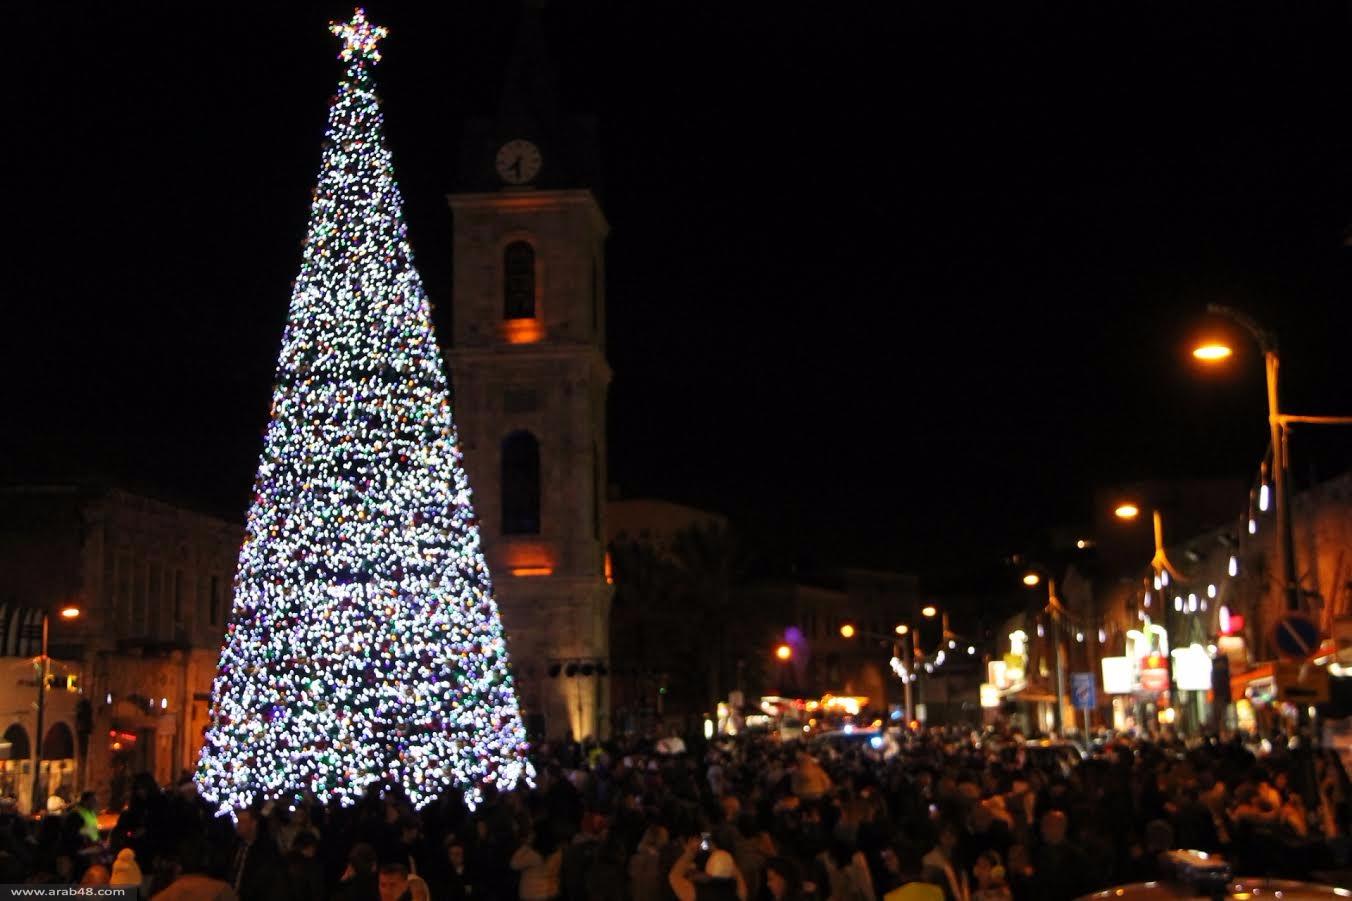 يافا: أجواء بهيجة في عيد الميلاد المجيد